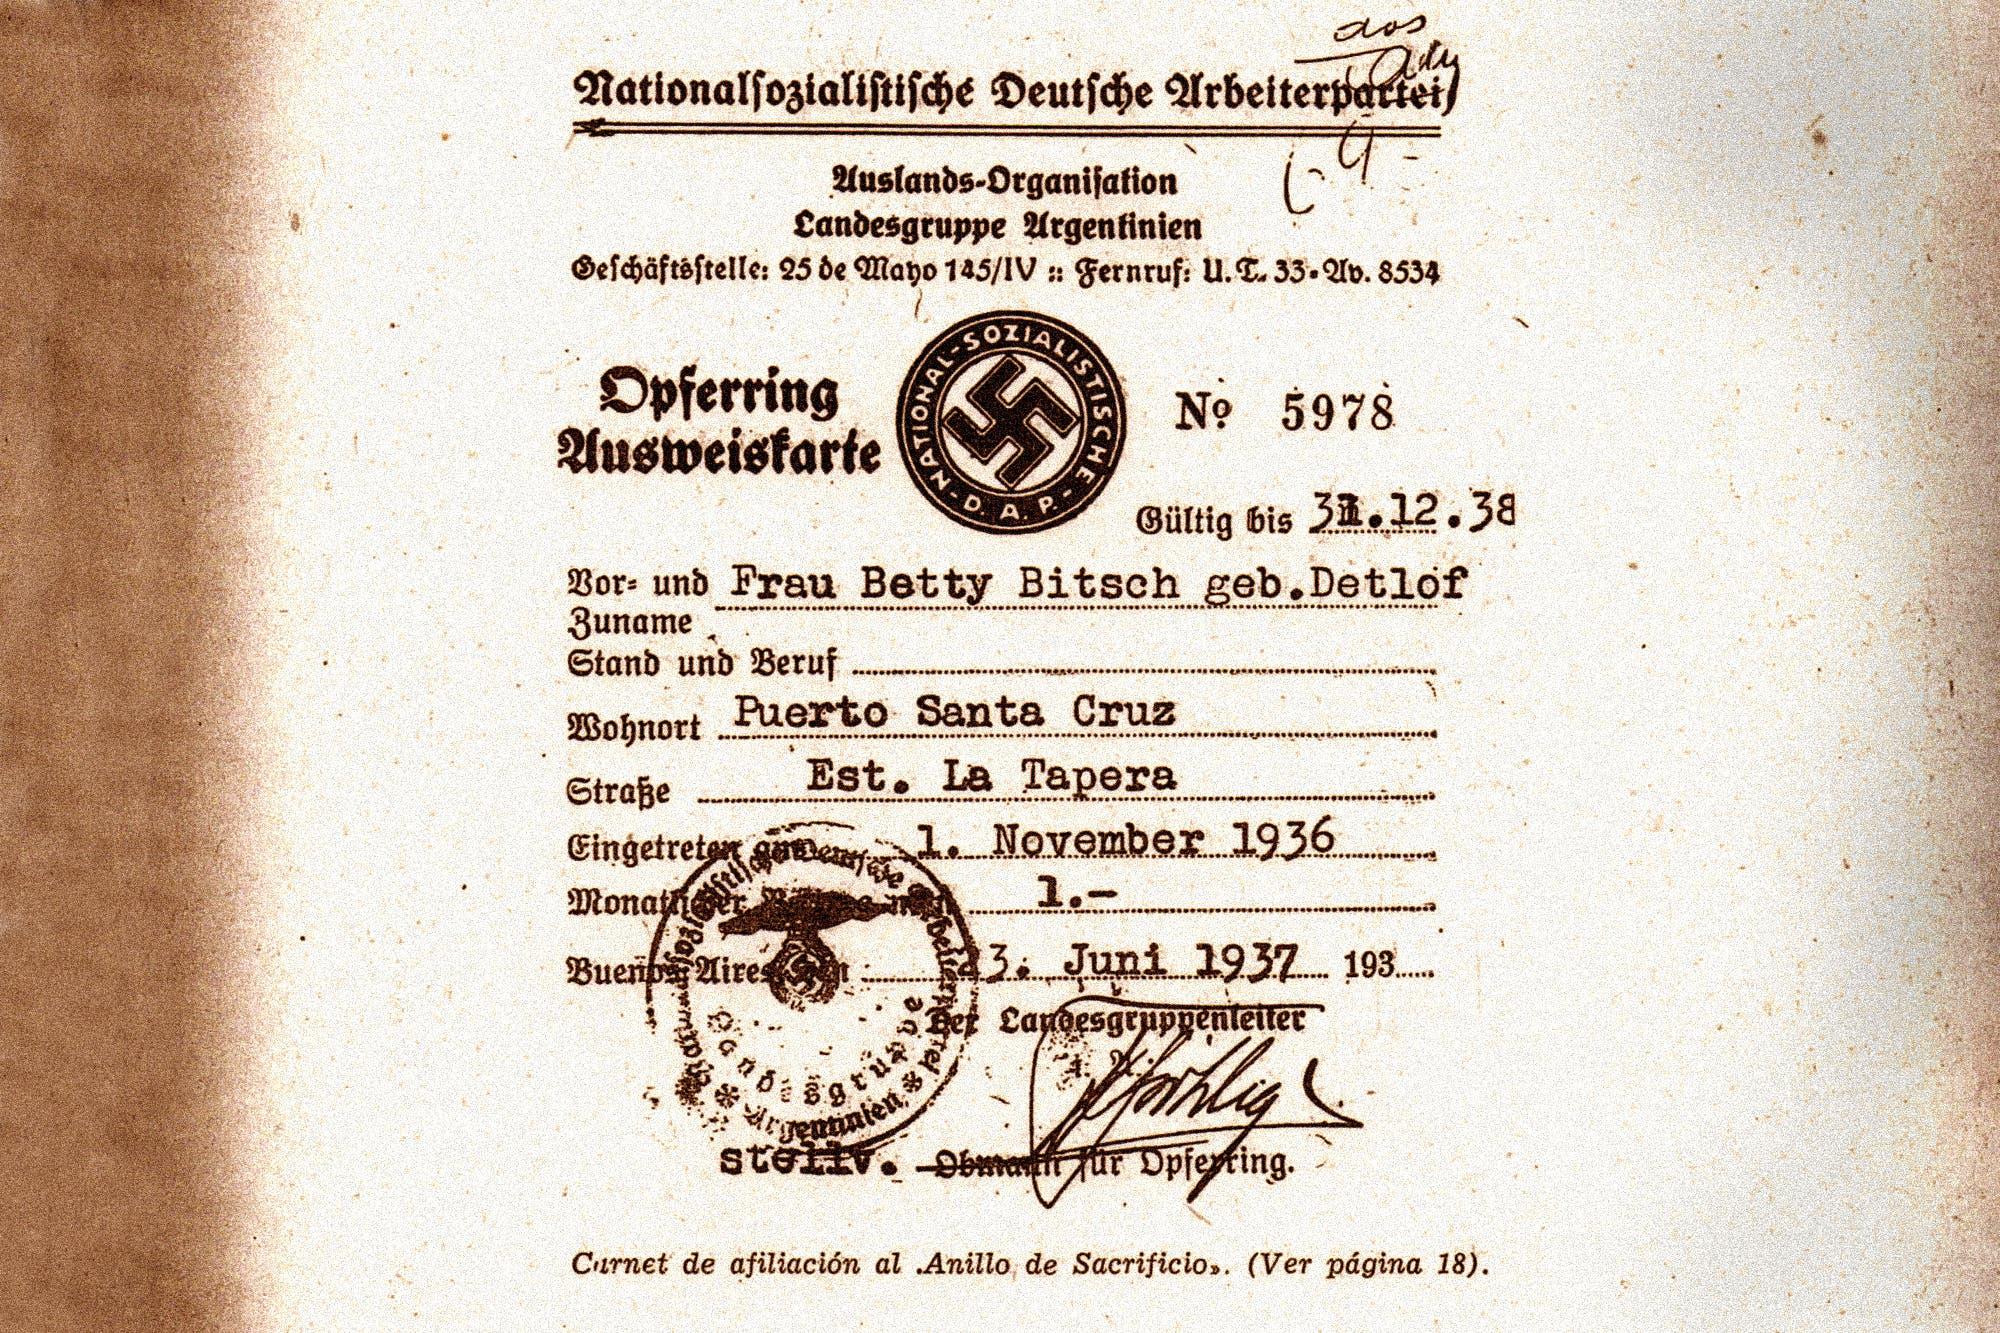 Documento: la lista que revela el dinero de los nazis argentinos